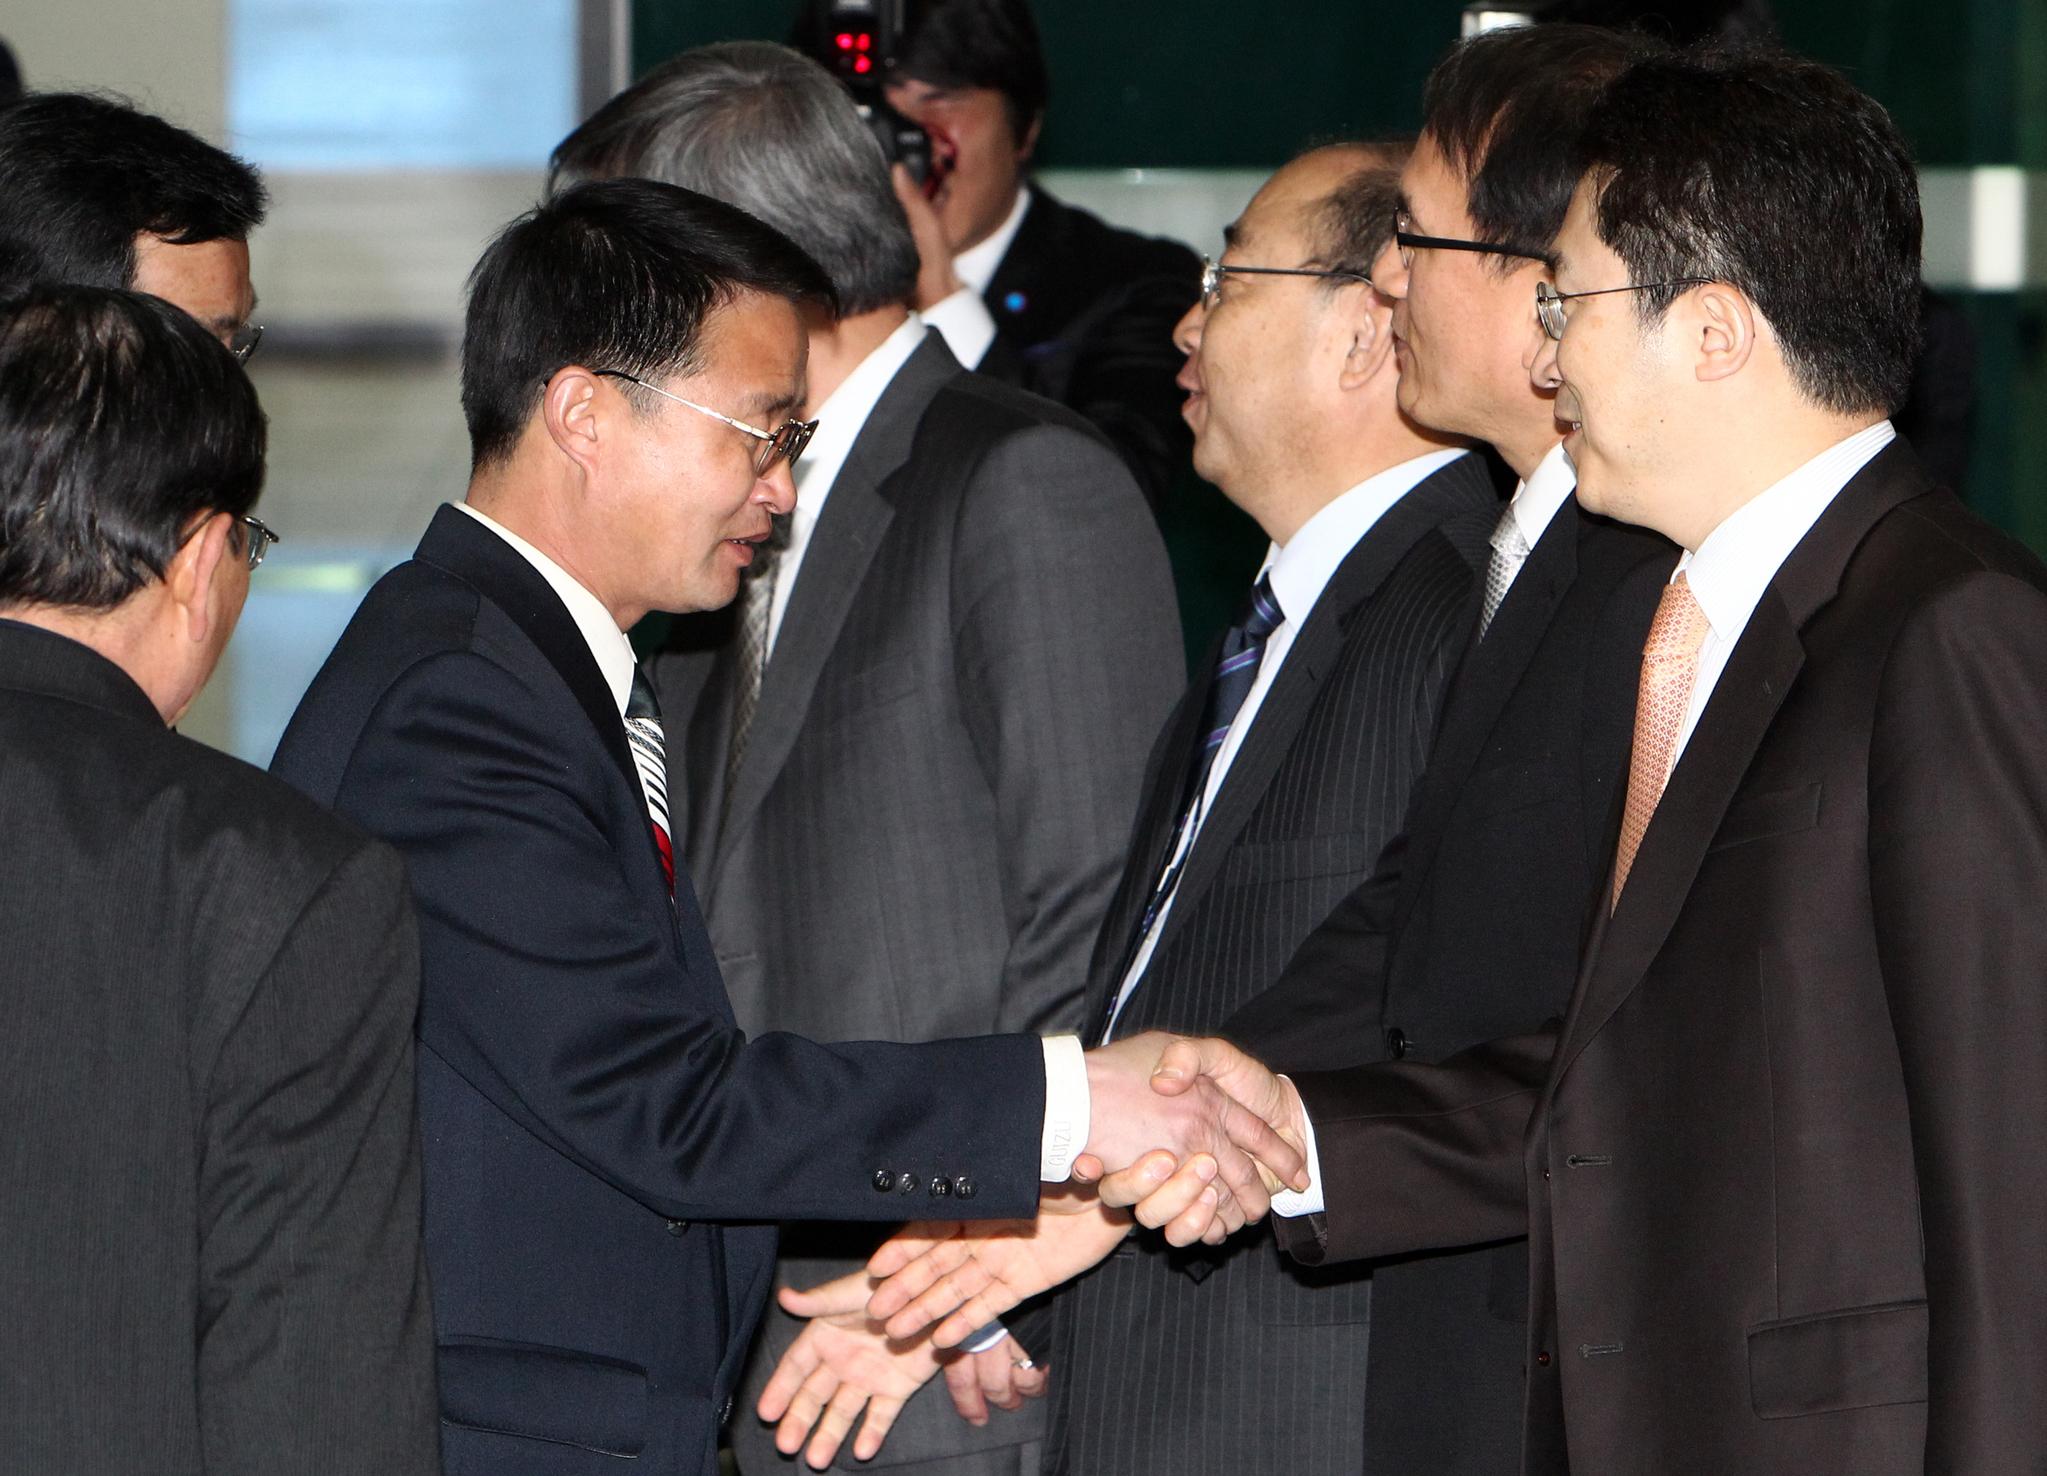 2011년 3월 백두산 화산분화 대비 회담을 위한 유인창 남측 대표들이 북한 윤영근 단장 일행을 출입사무소에서 환영하고 있다. [중앙포토]